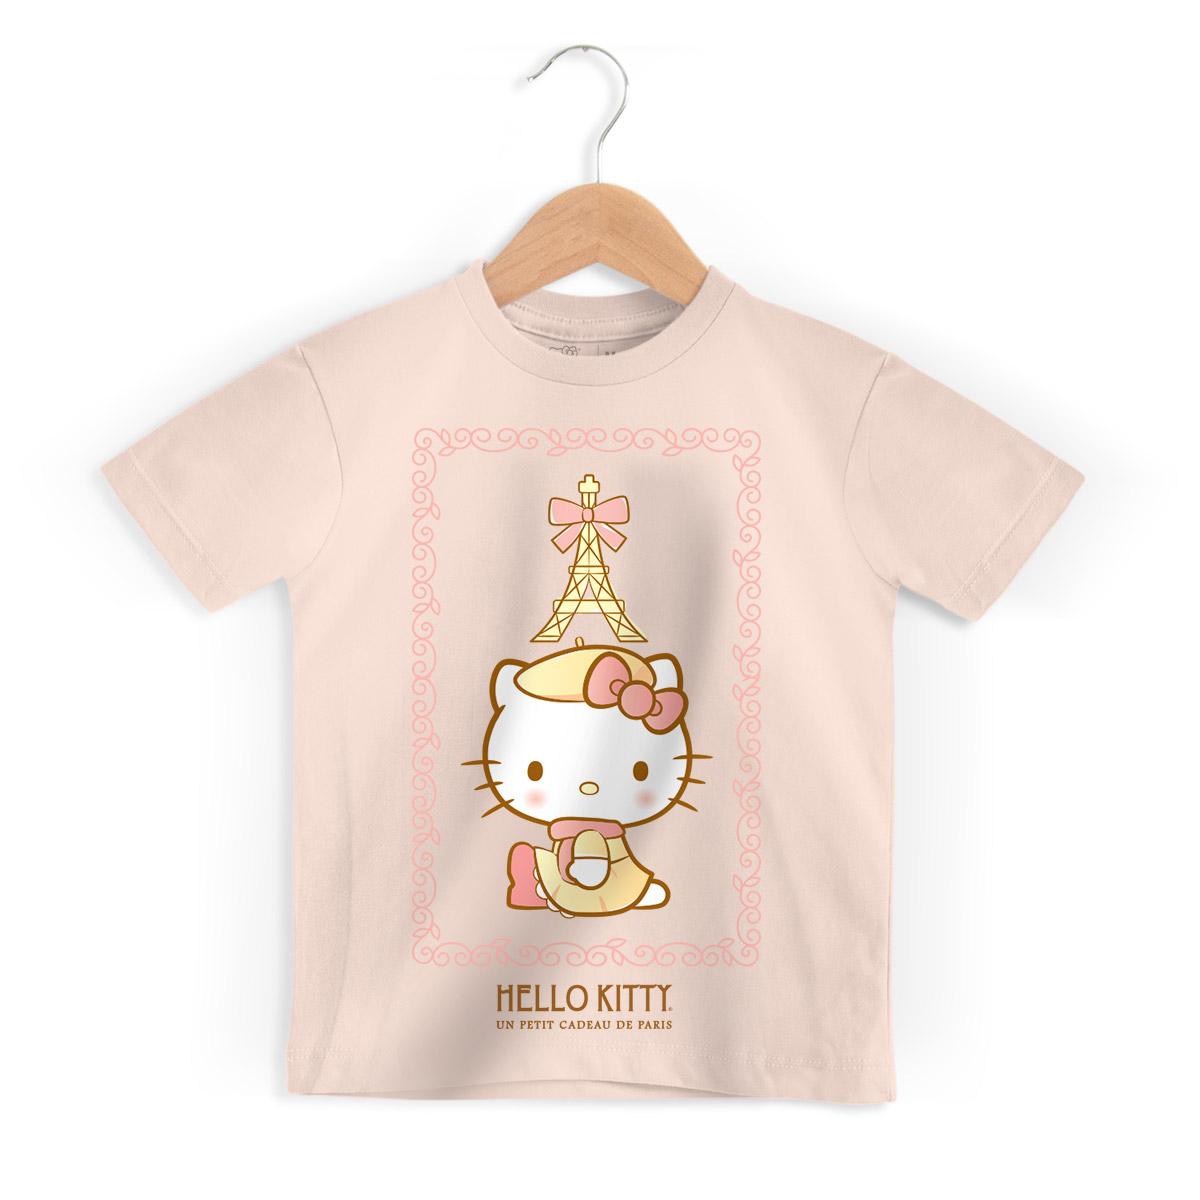 Camiseta Infantil Hello Kitty Un Petit Cadeau De Paris